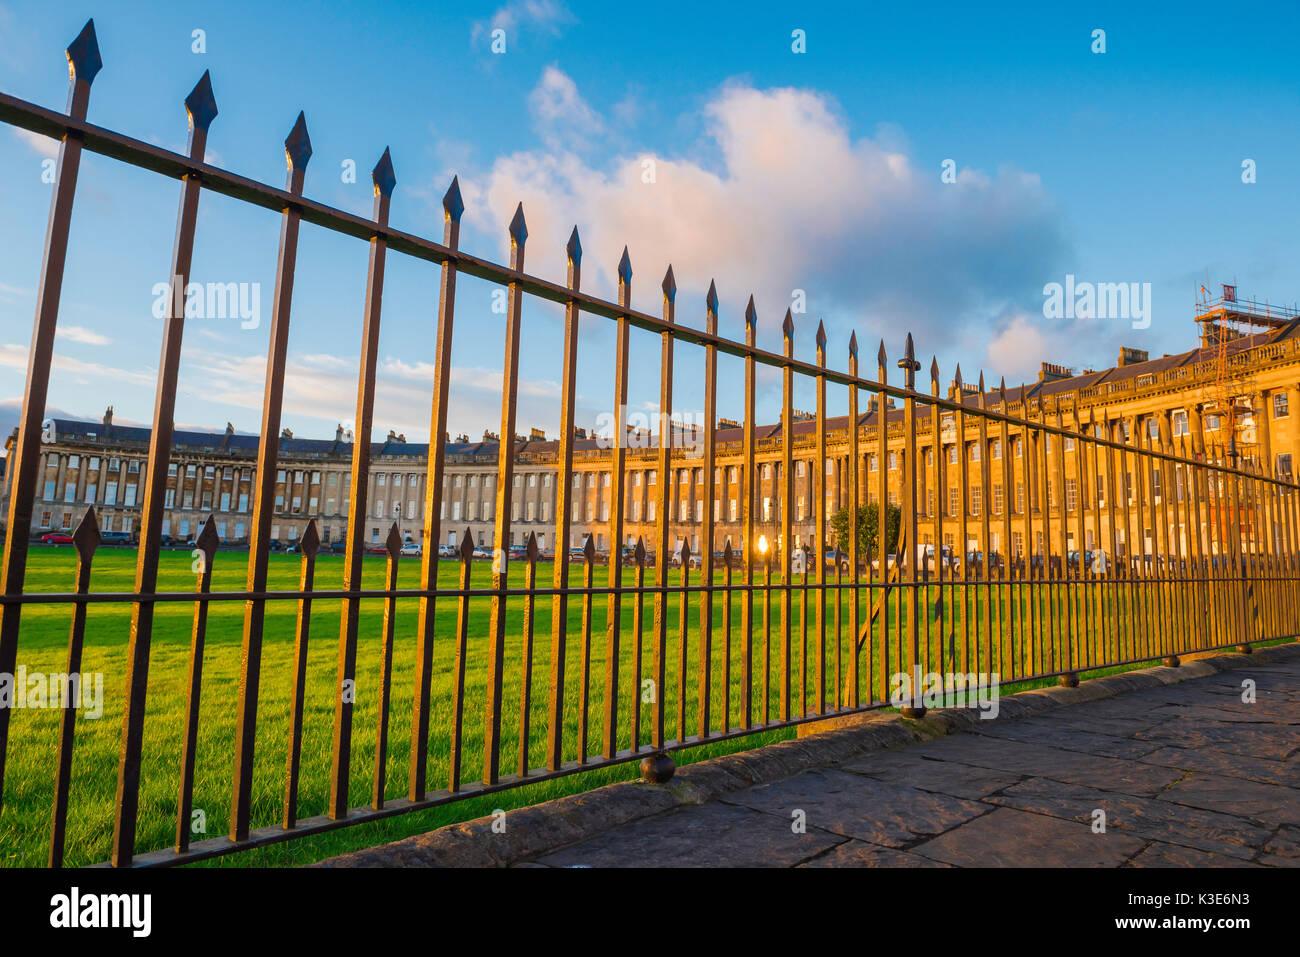 Royal Crescent bagno, vista attraverso le ringhiere in ferro del Royal Crescent e il suo parco nel centro di Bath, Inghilterra, Regno Unito. Immagini Stock